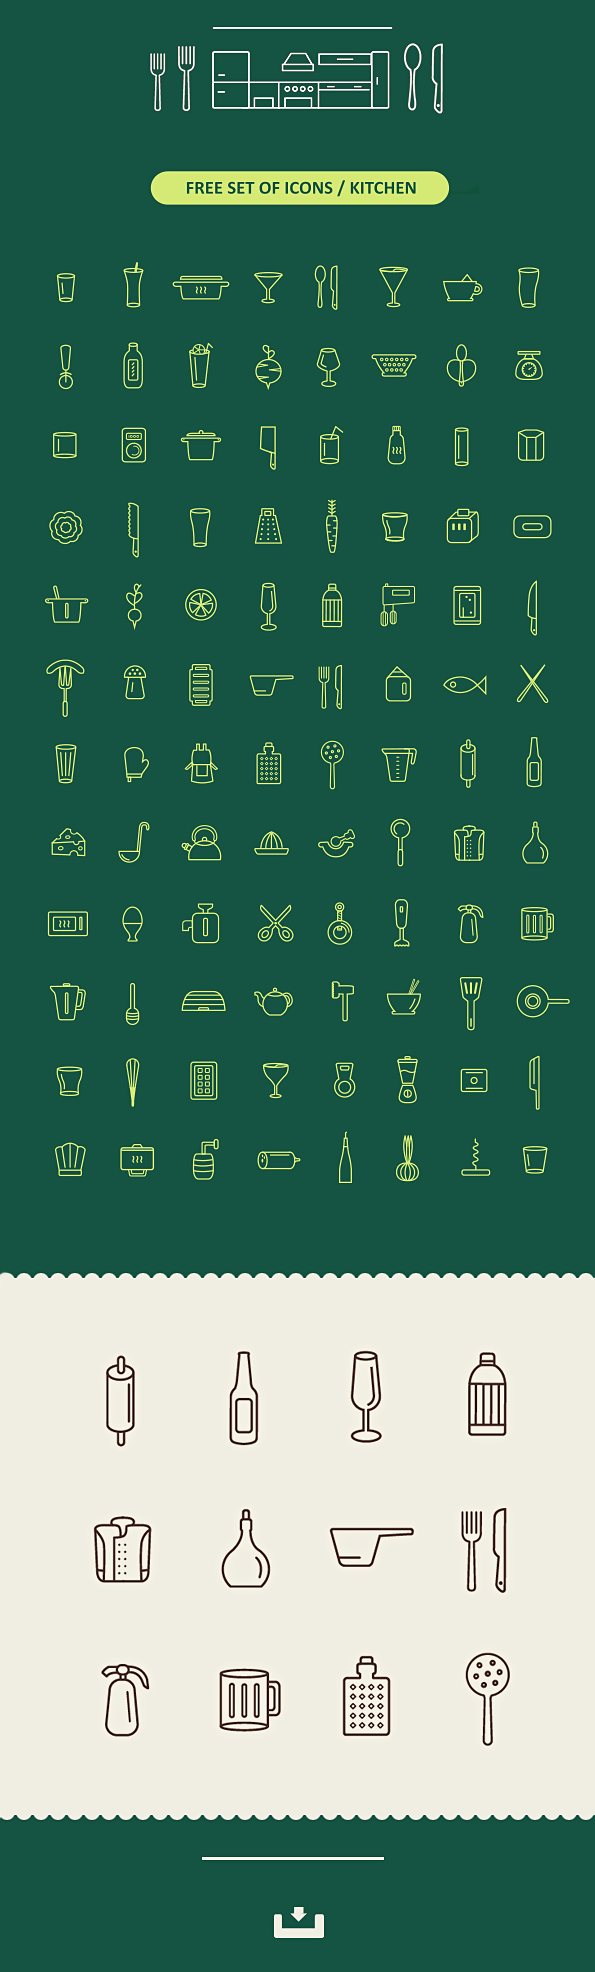 96 가지 무료 벡터 키친/주방/요리 아이콘 - 96 Free Vector Kitchen Icons